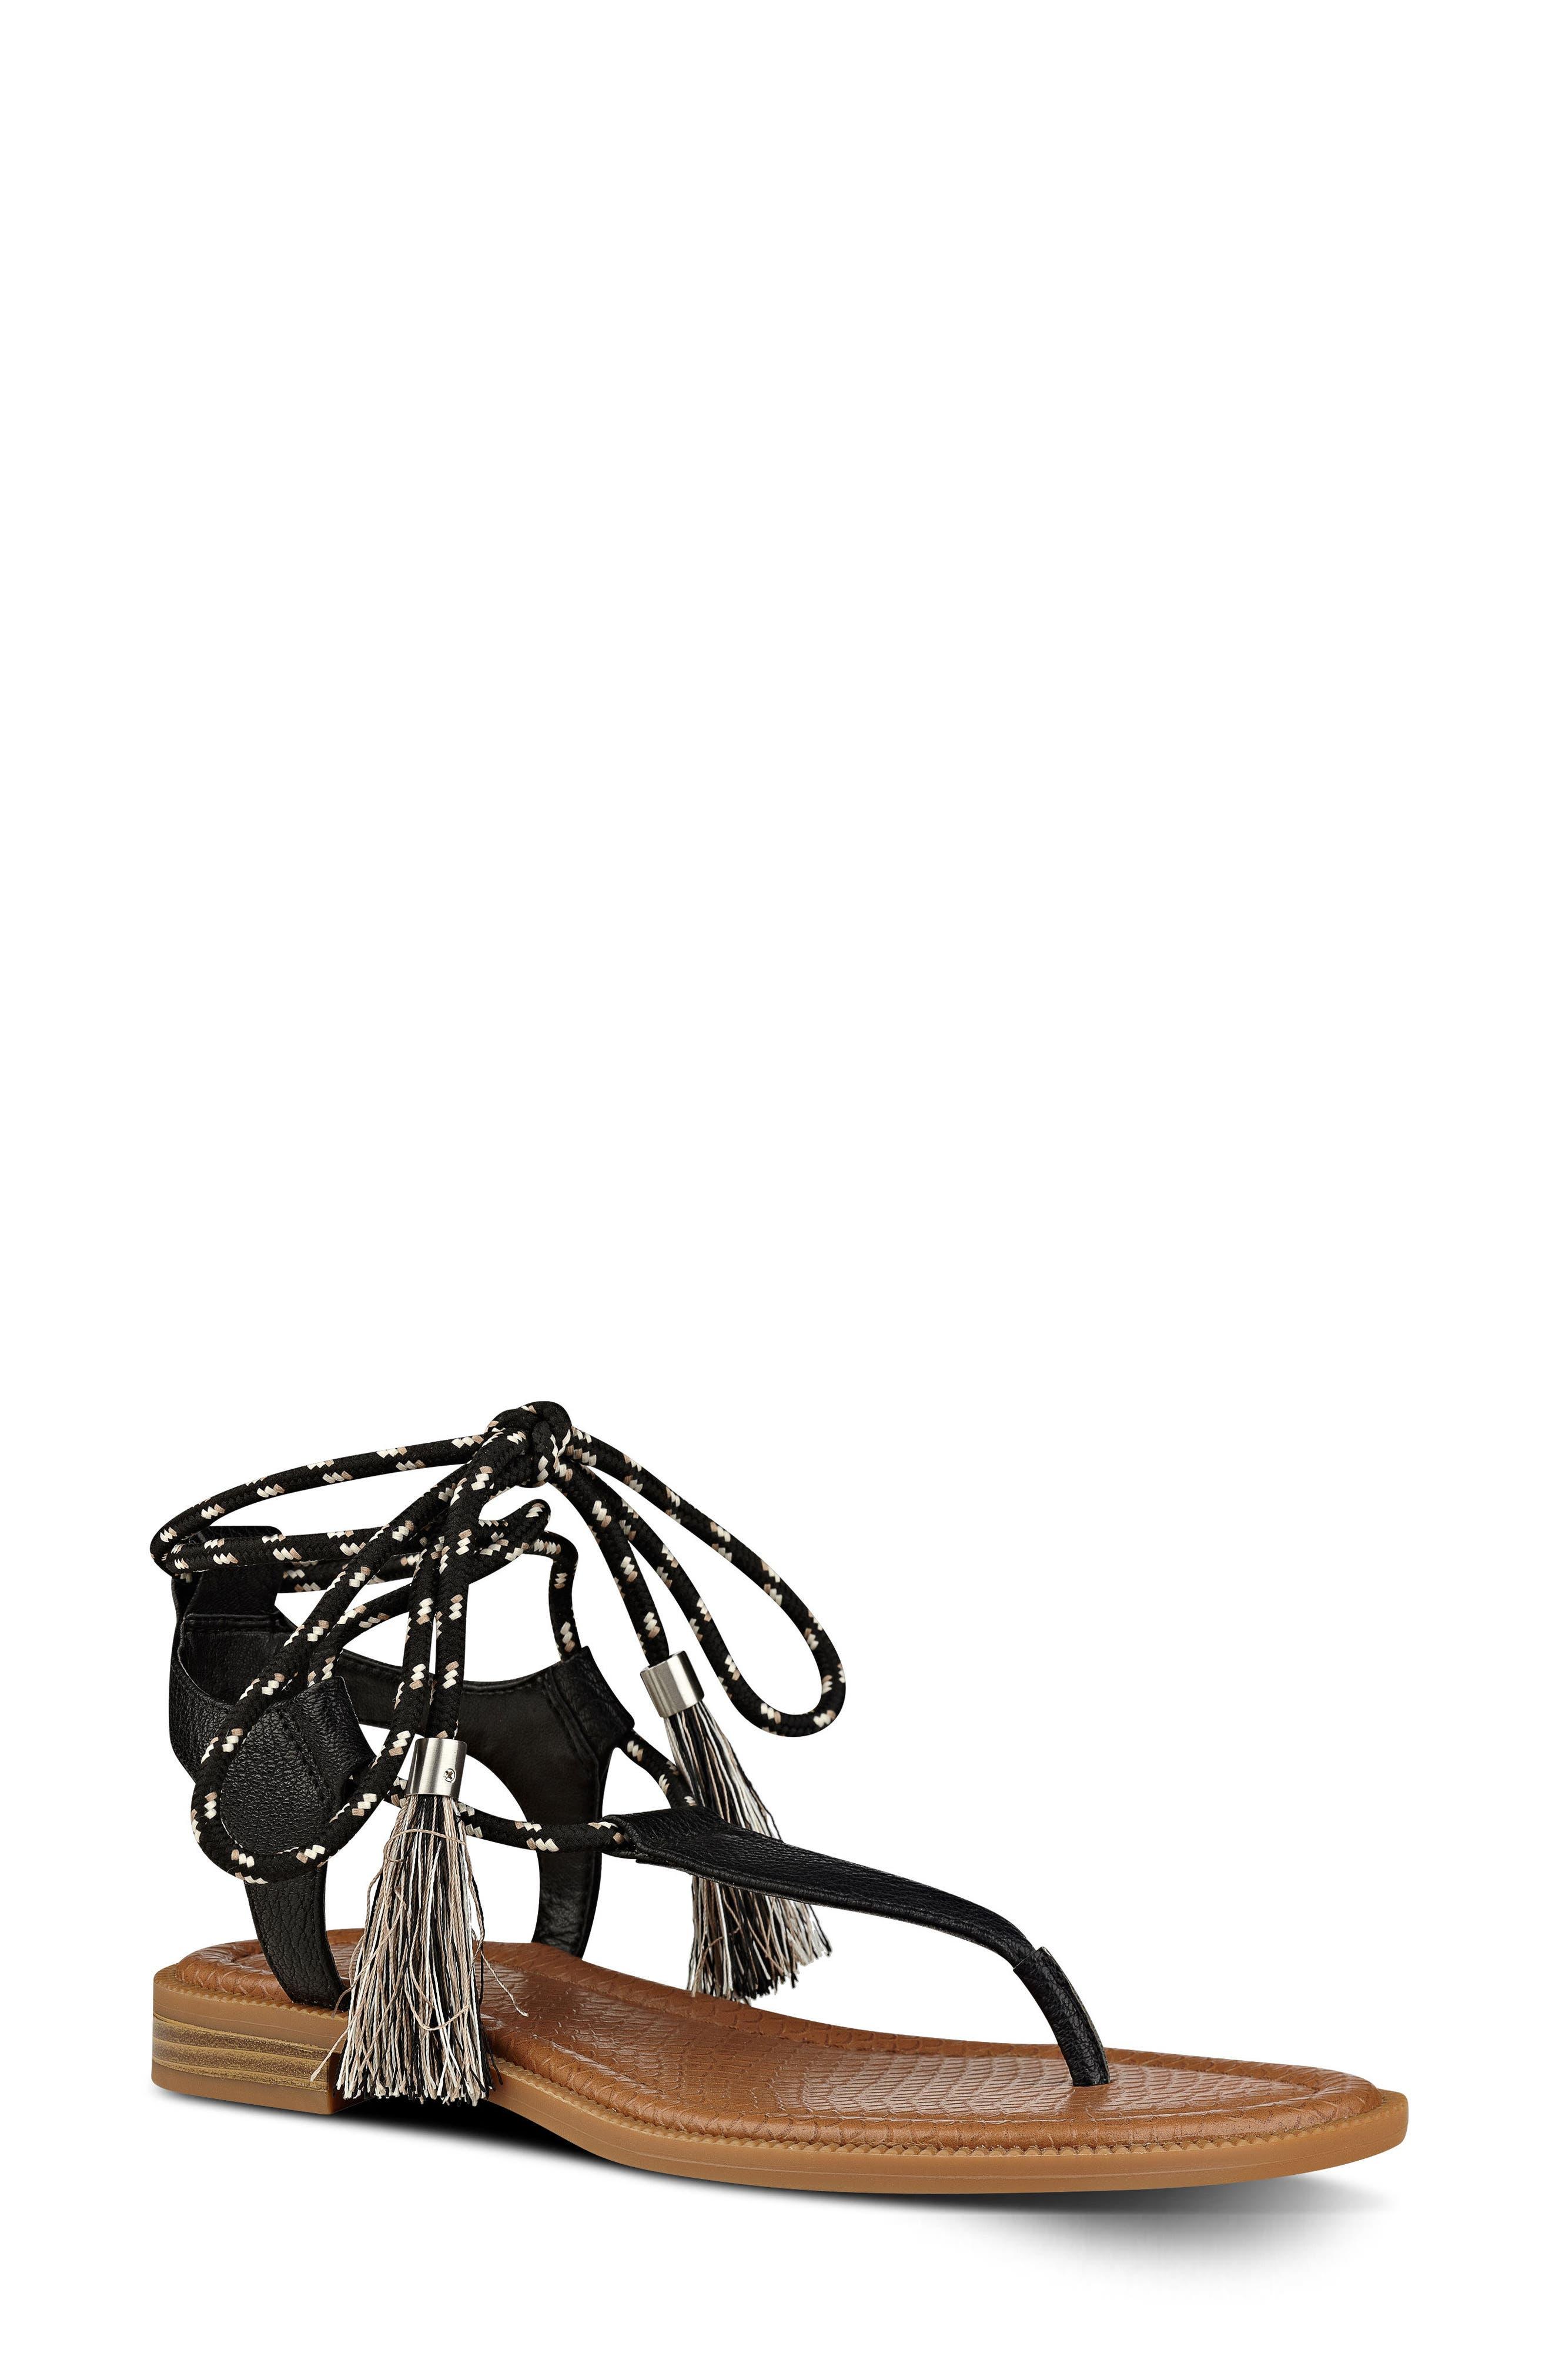 Alternate Image 1 Selected - Nine West Gannon Sandal (Women)